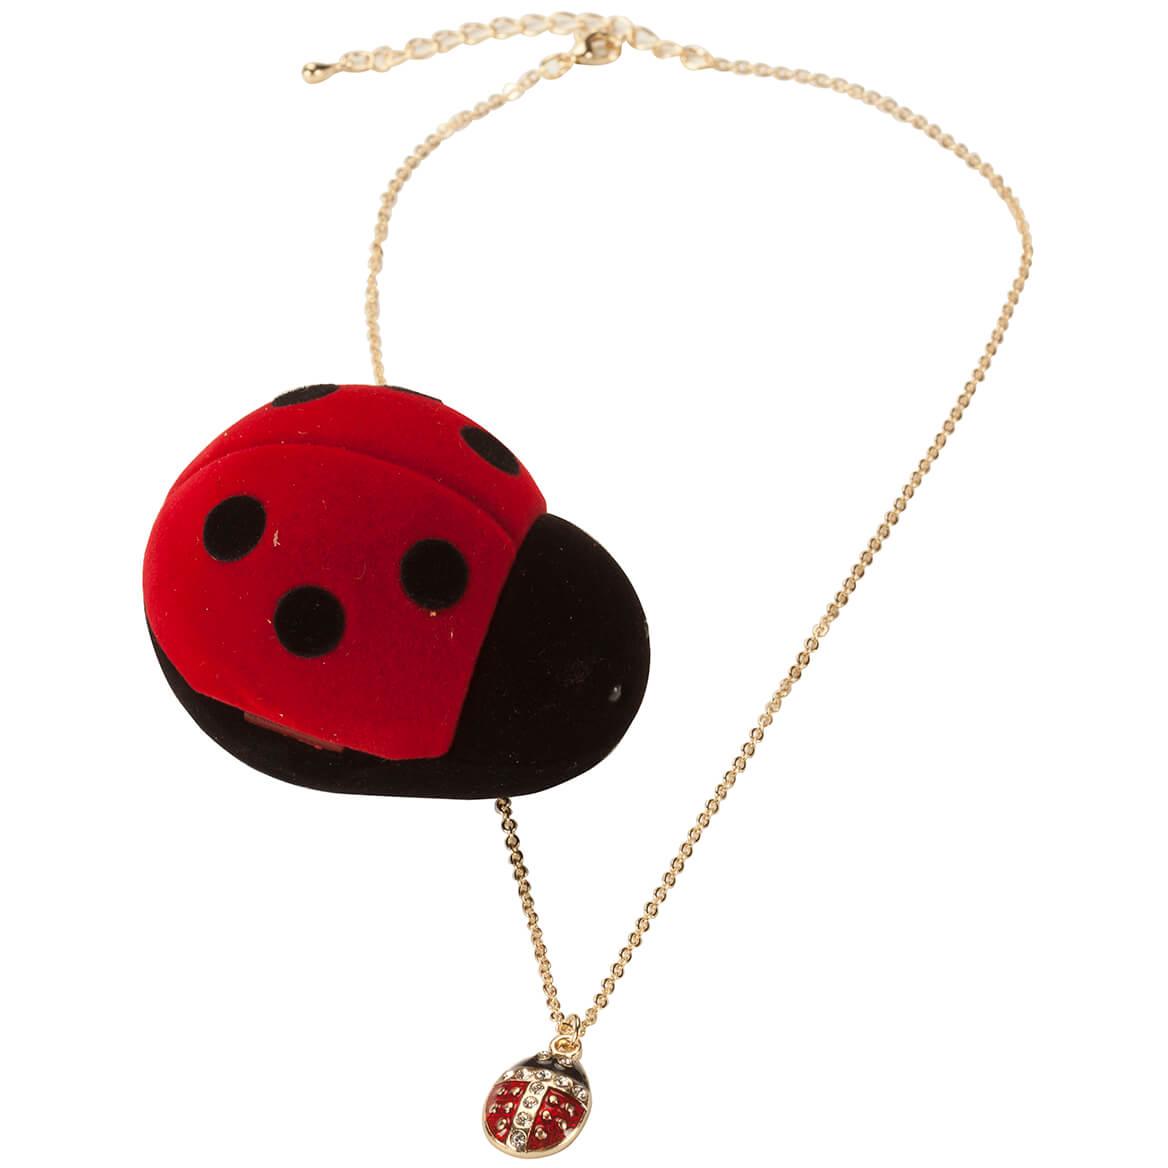 Crystal Ladybug Pendant